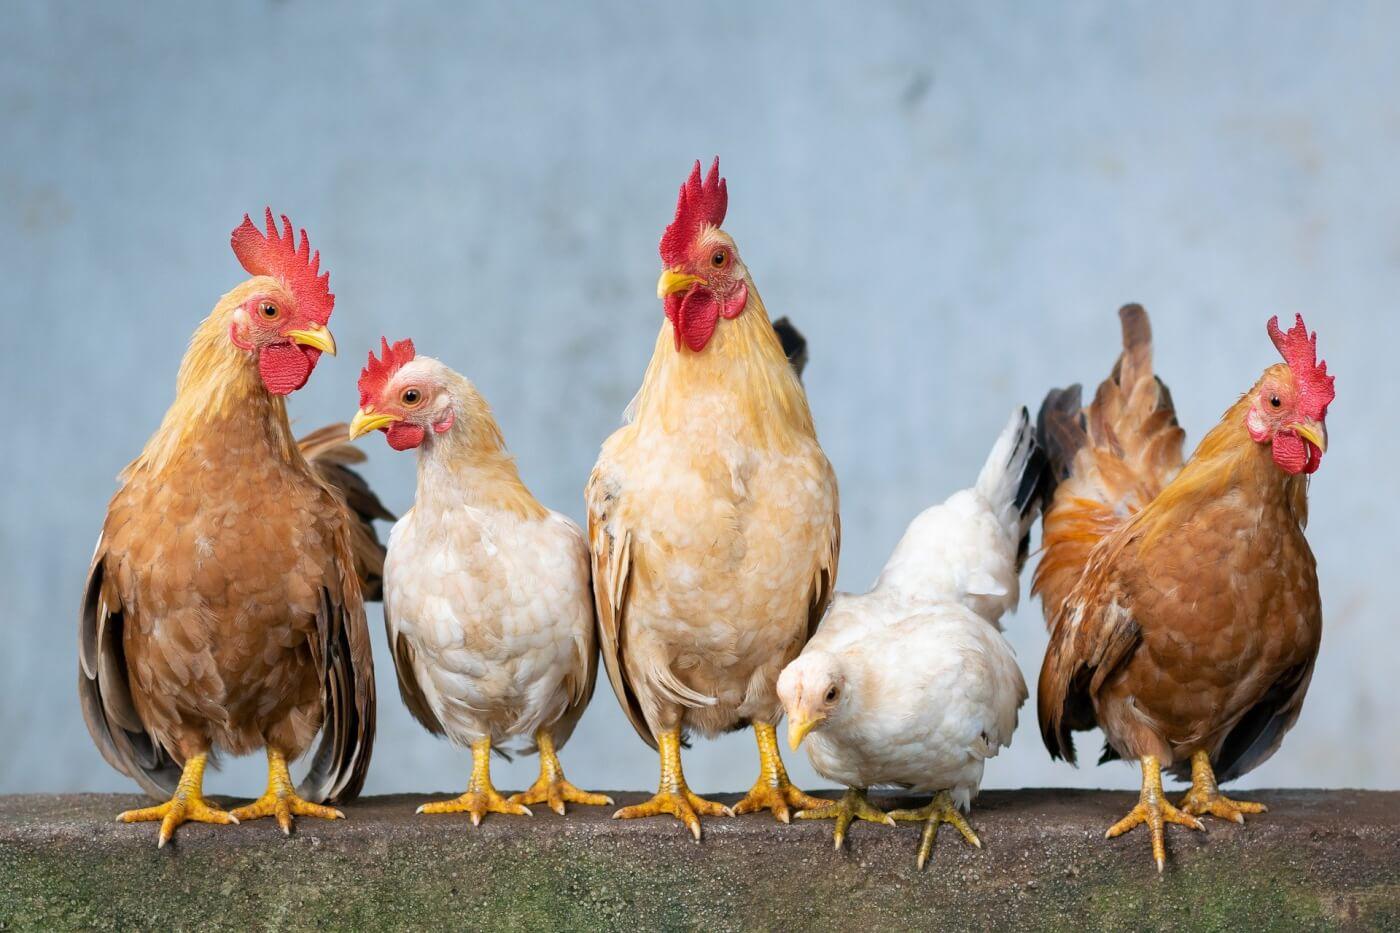 hens photo